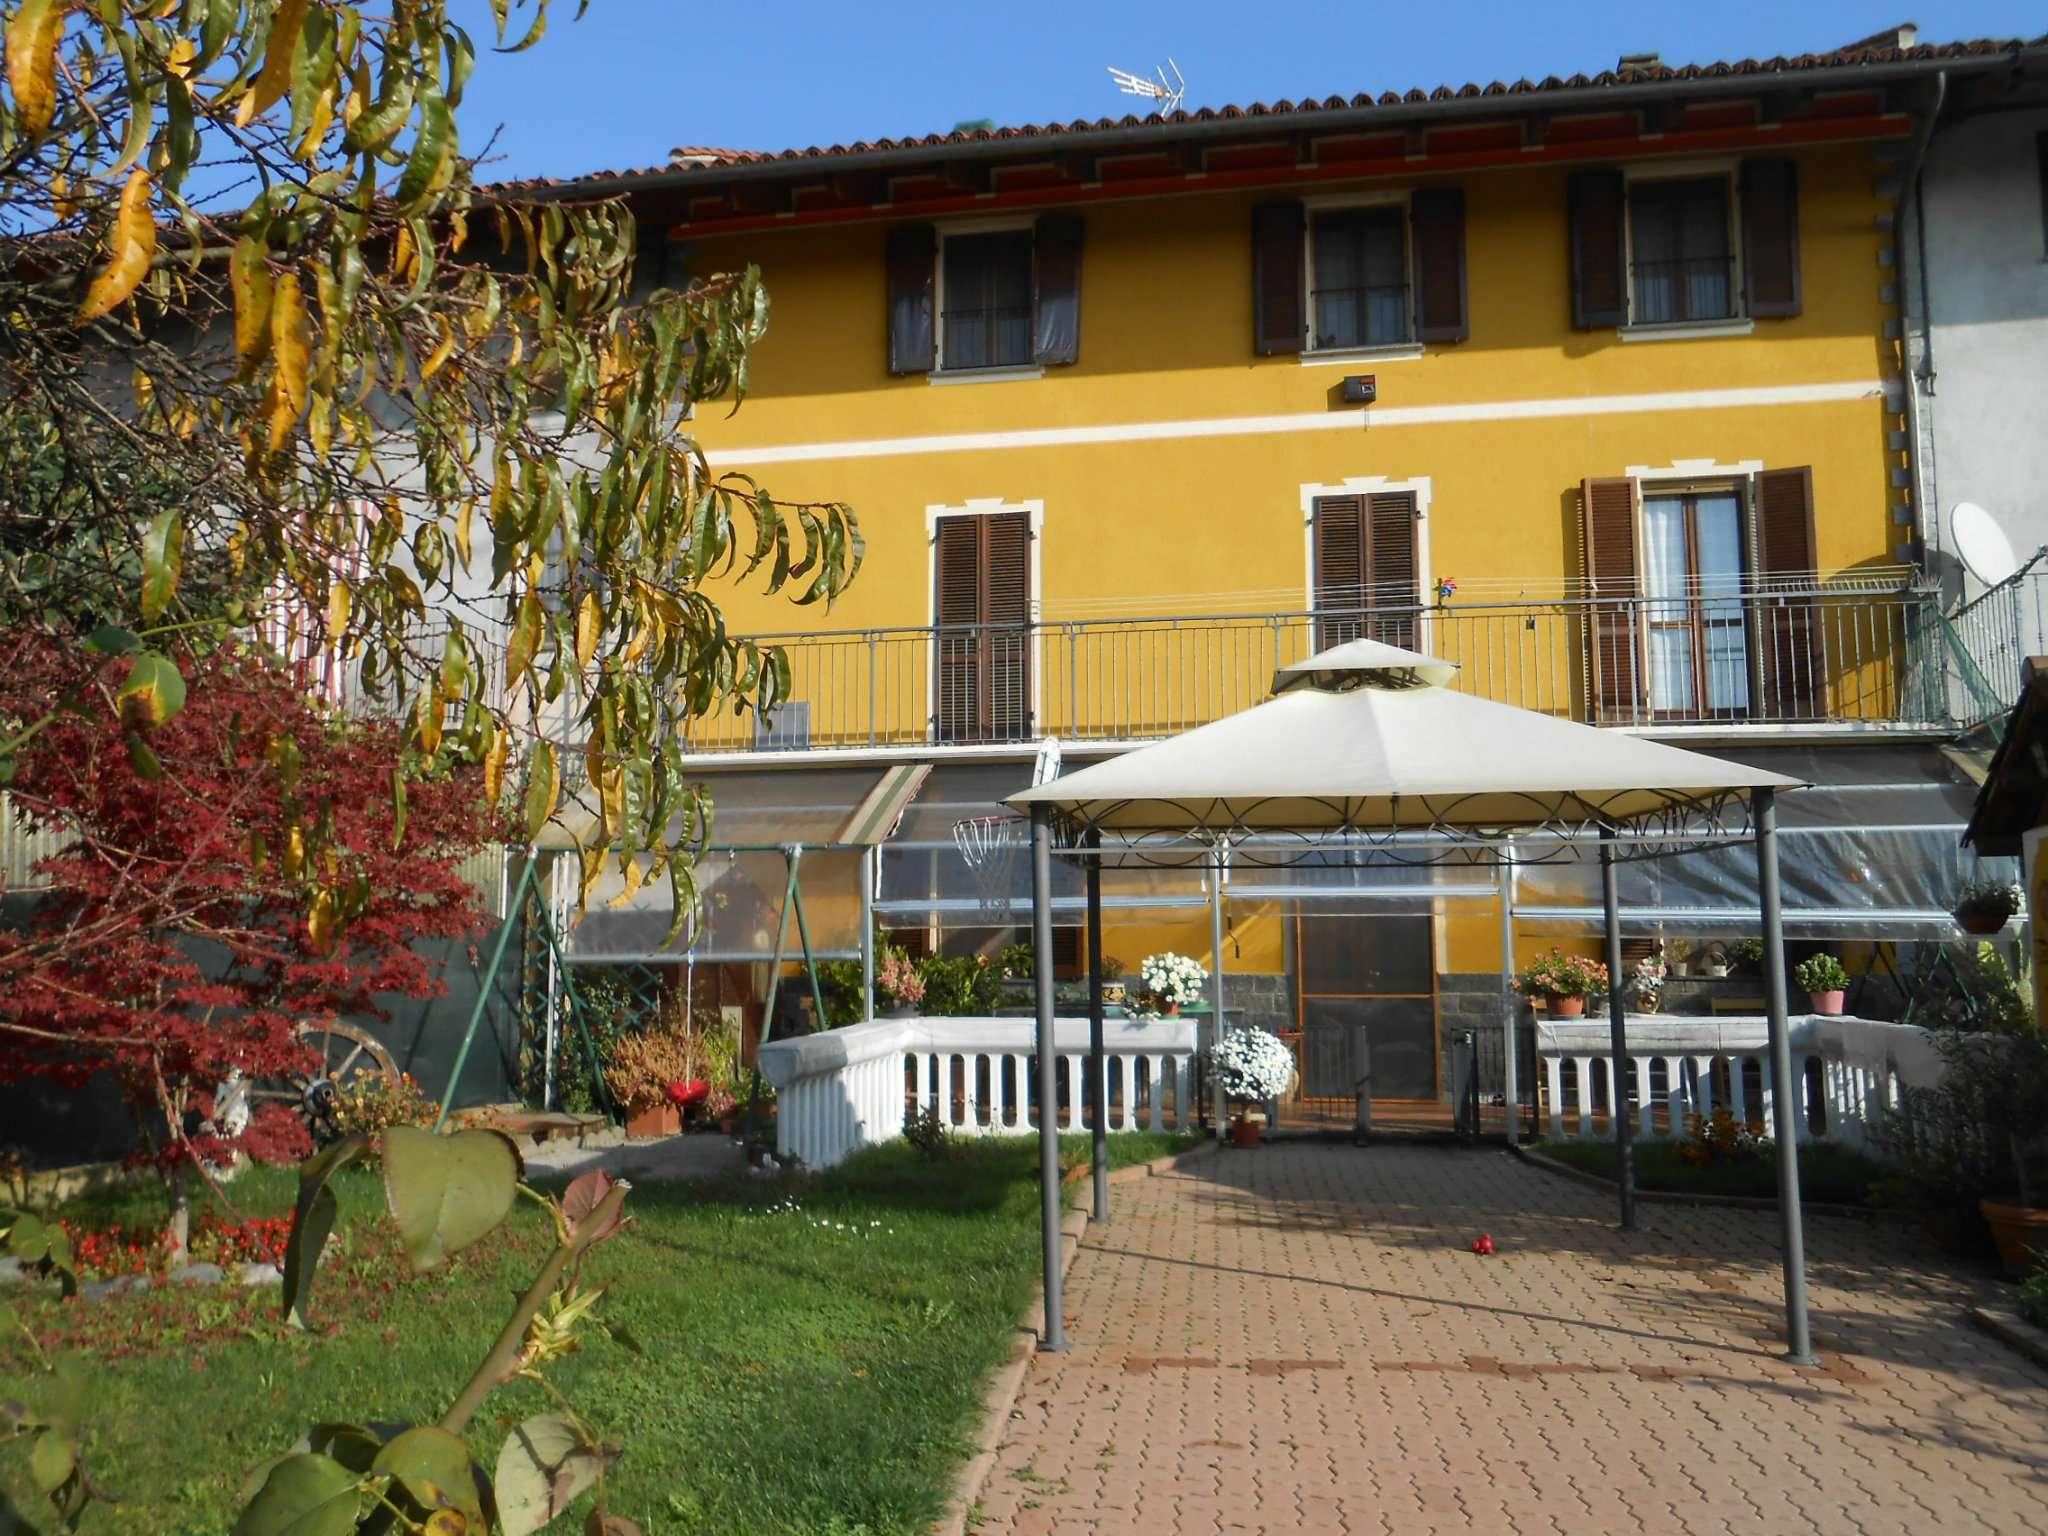 Soluzione Indipendente in vendita a Arignano, 12 locali, prezzo € 198.000   CambioCasa.it